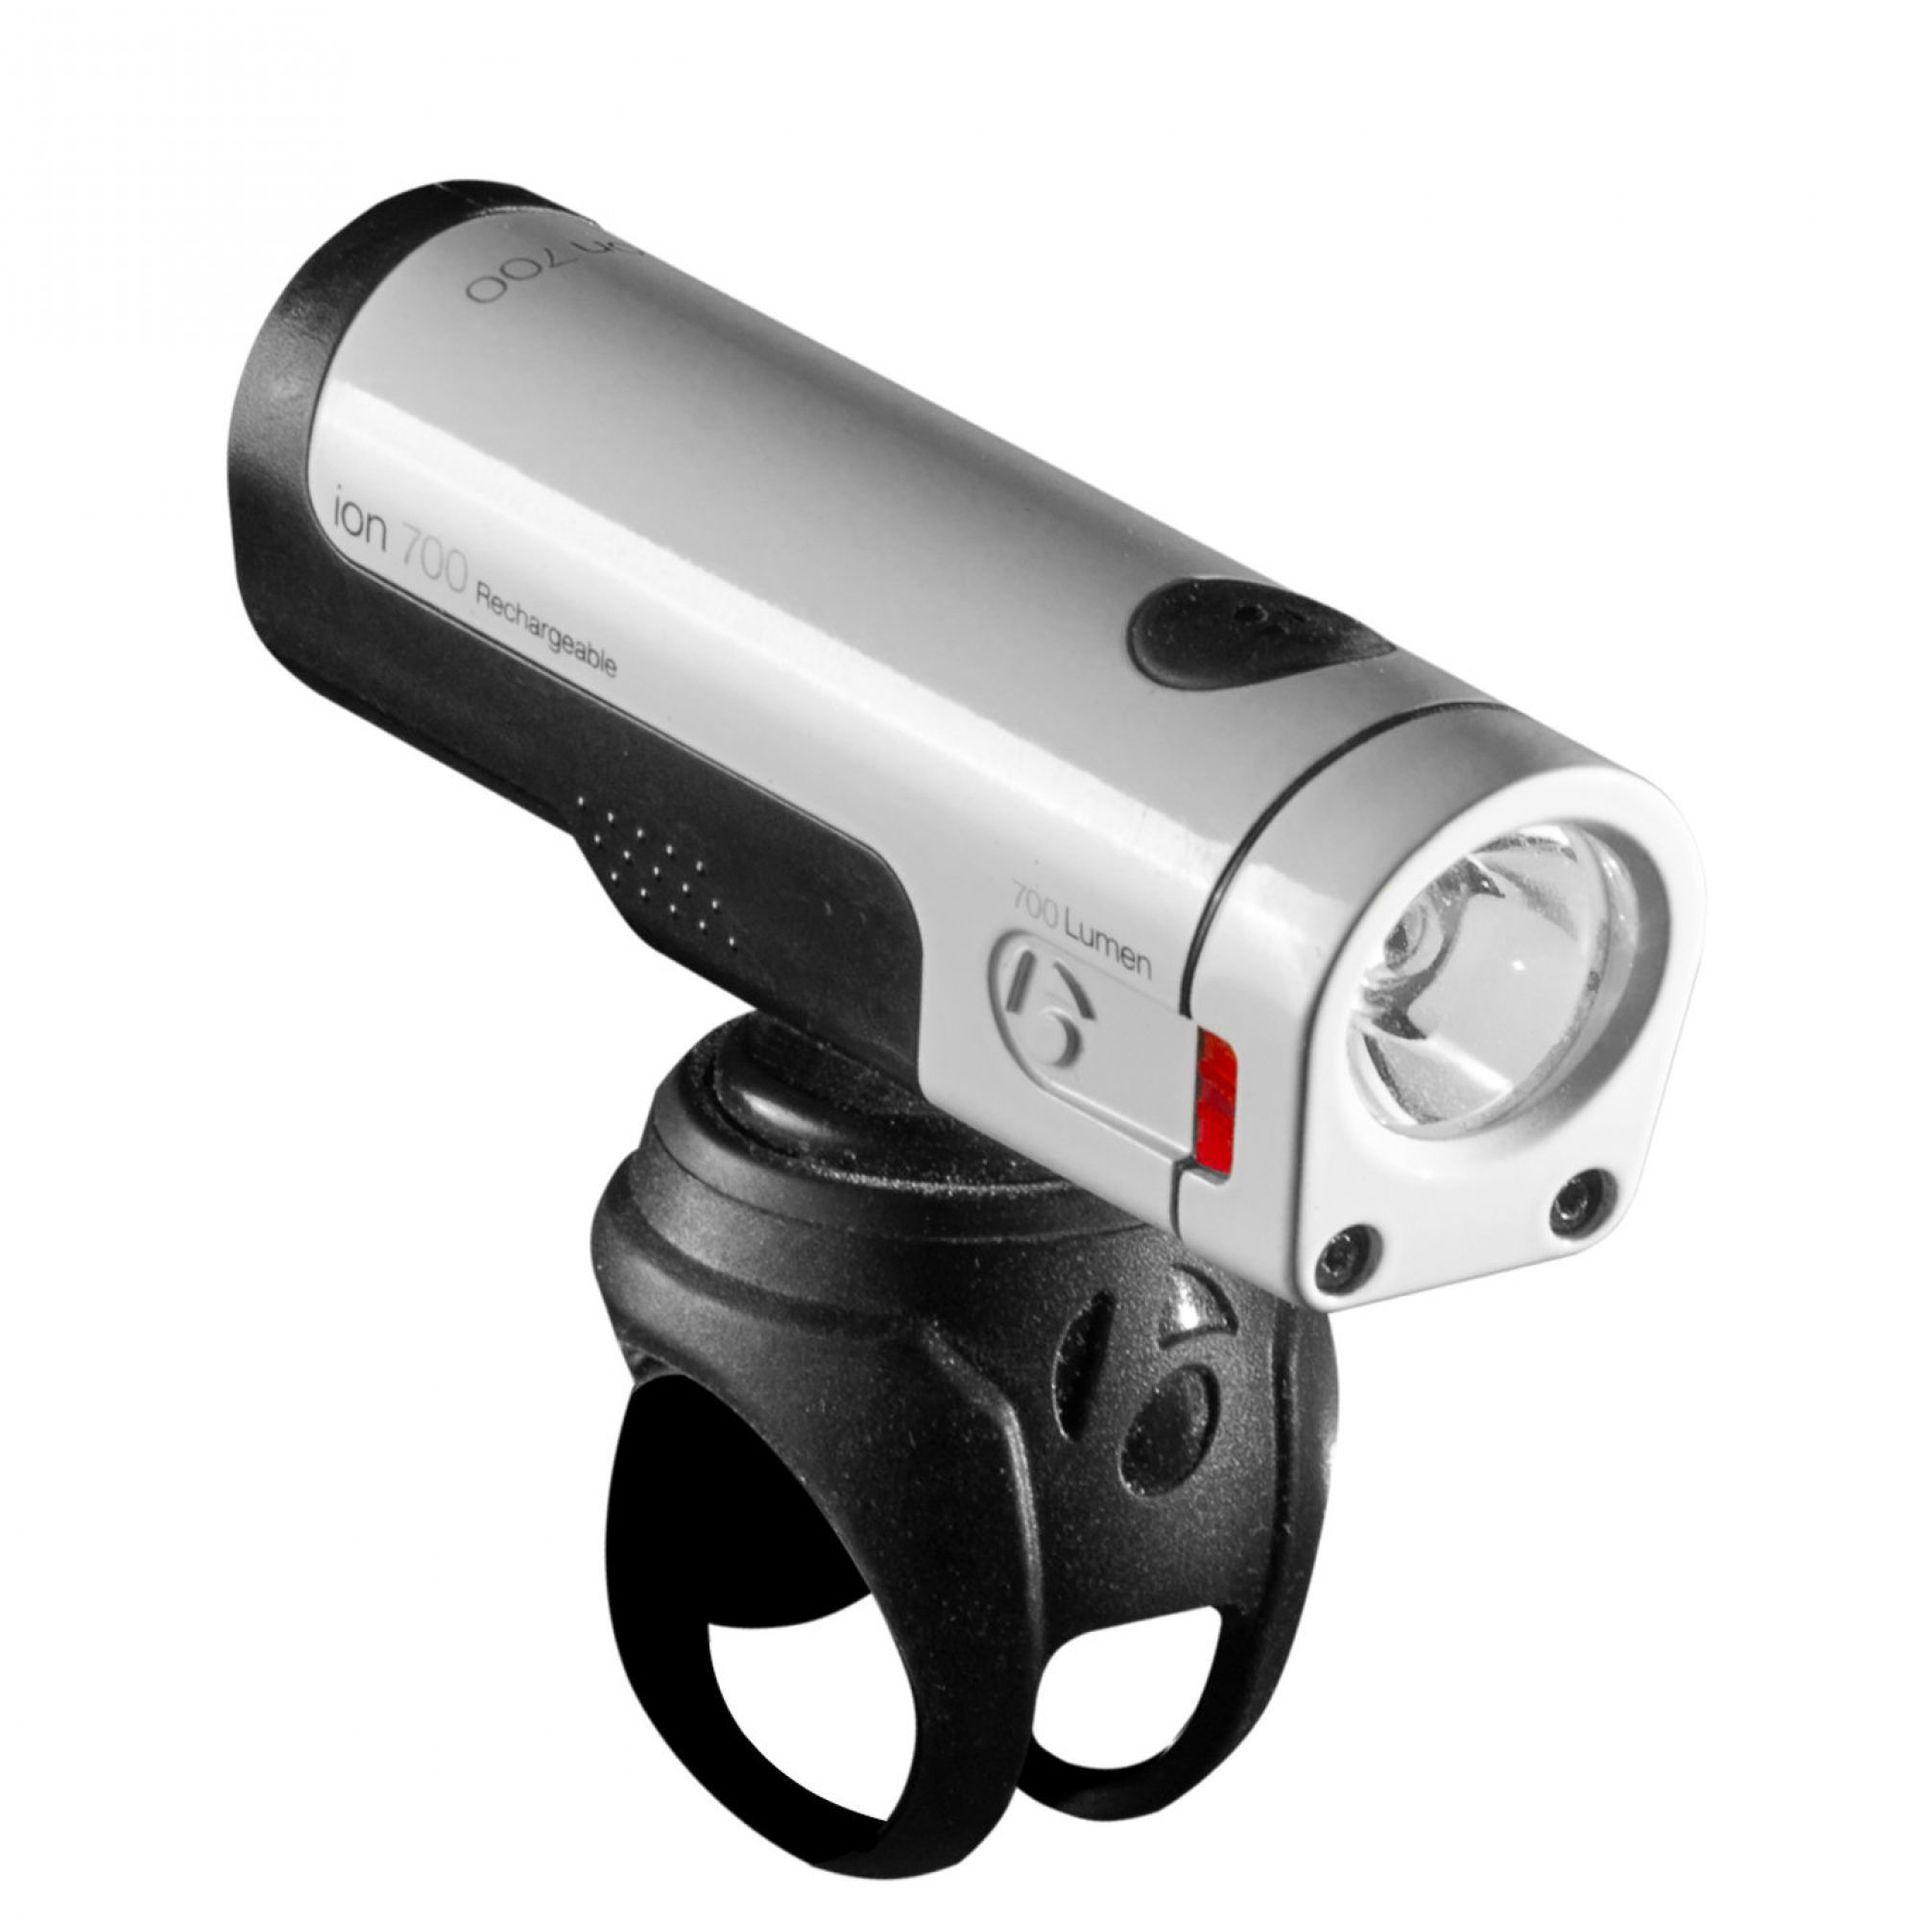 LAMPKA ROWEROWA PRZEDNIA BONTRAGER ION 700 USB